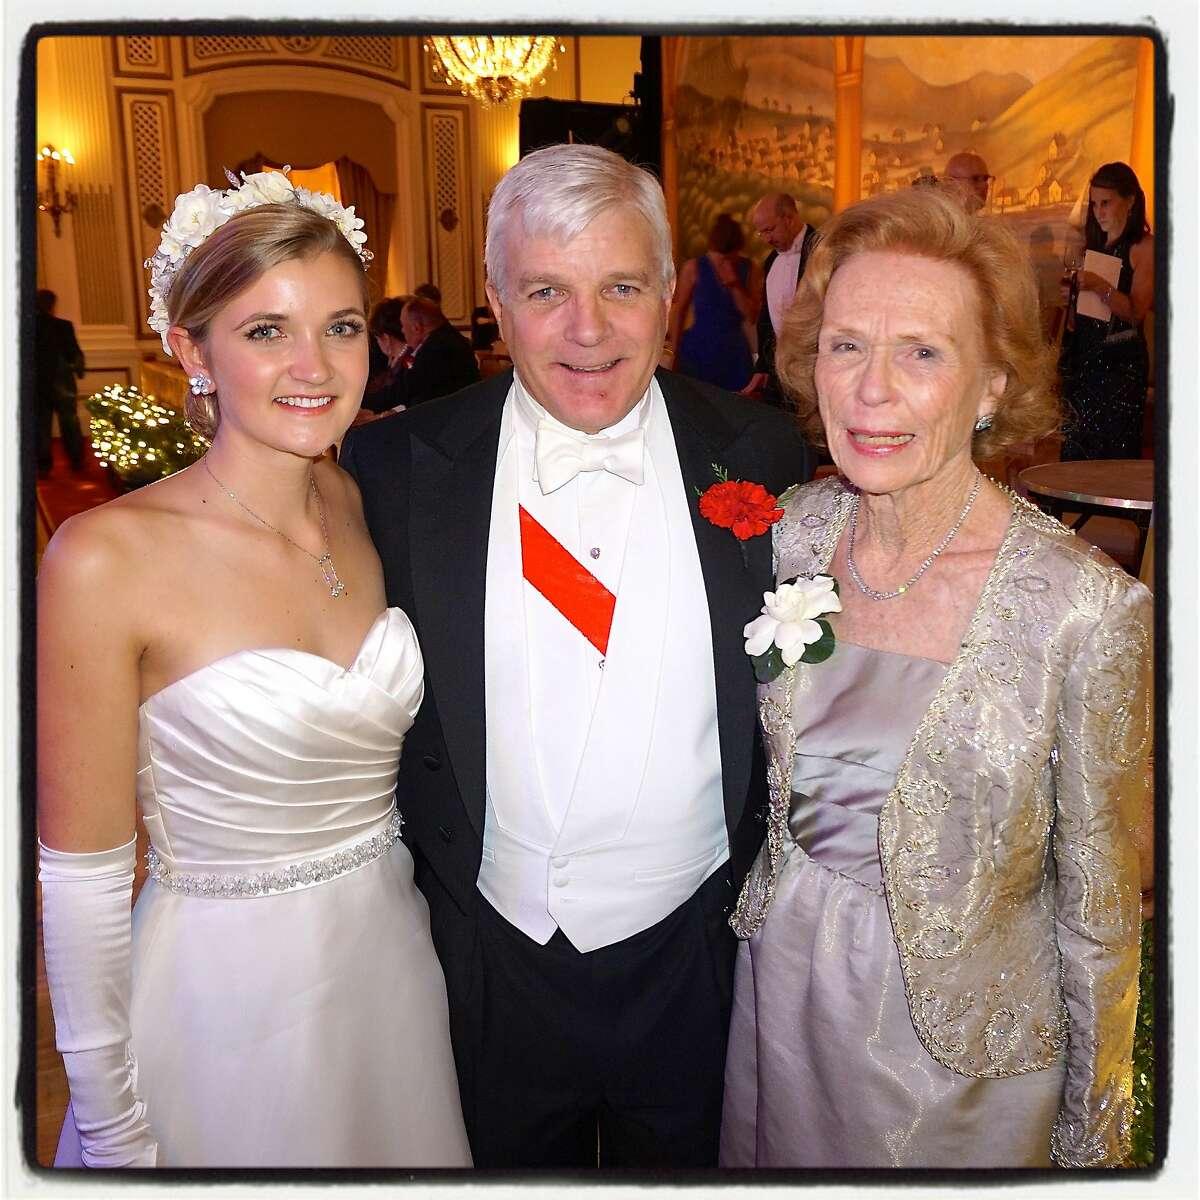 Debutante Grace Callander (left) with her dad, Clark Callander, and grandmother Barbara Callander at the Cotillion. Dec 2016.